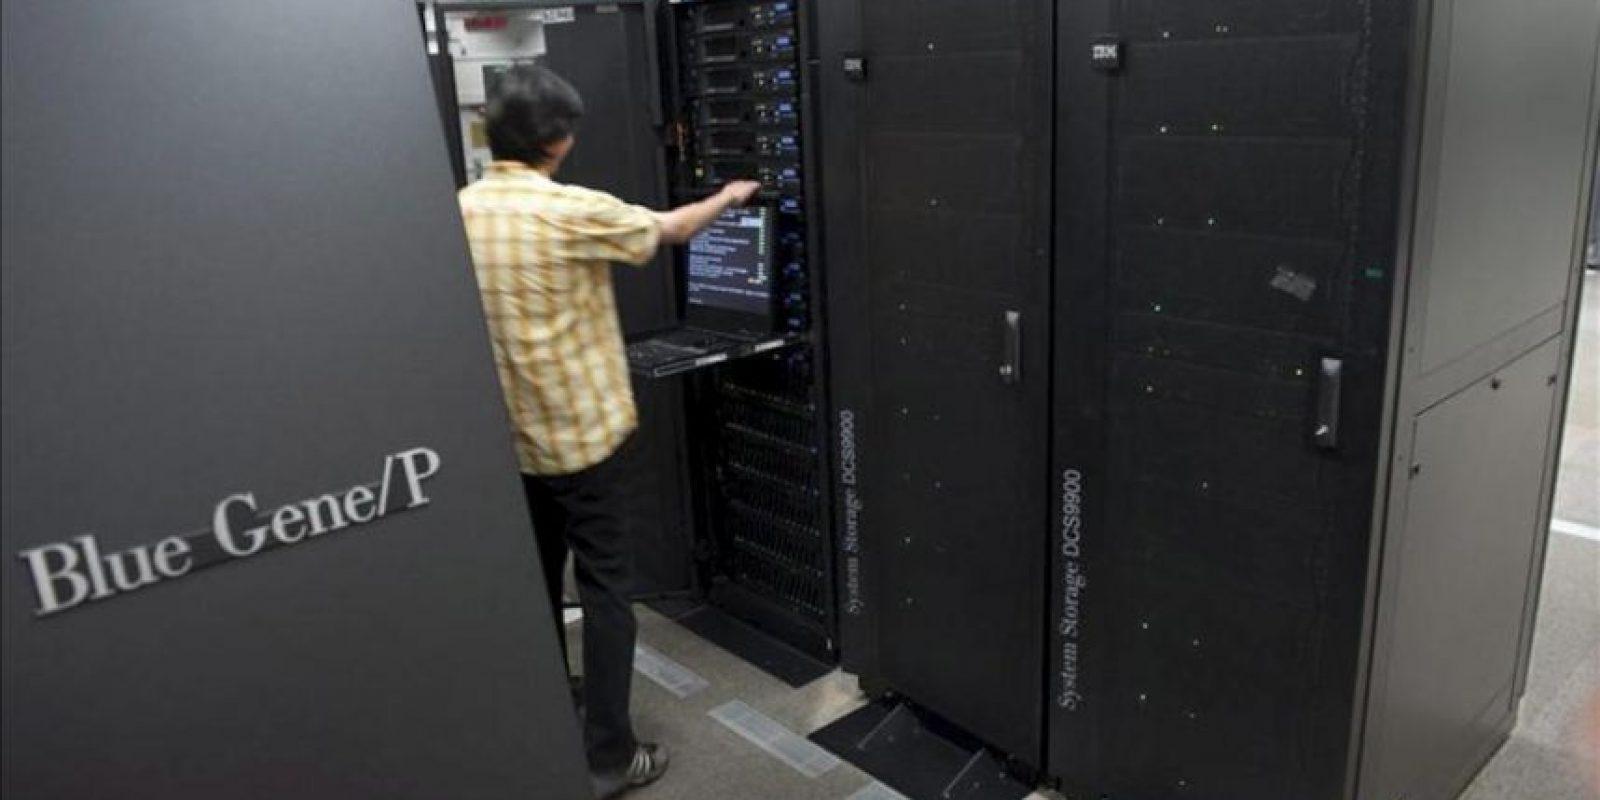 """Imagen de archivo del superordenador IBM Blue Gene/P utilizado por el equipo Blue Brain del proyecto europeo """"Human Brain Project"""" (HBP), de la École Polythechnique Féderale de Lausanne, en Lausana (Suiza). EFE"""